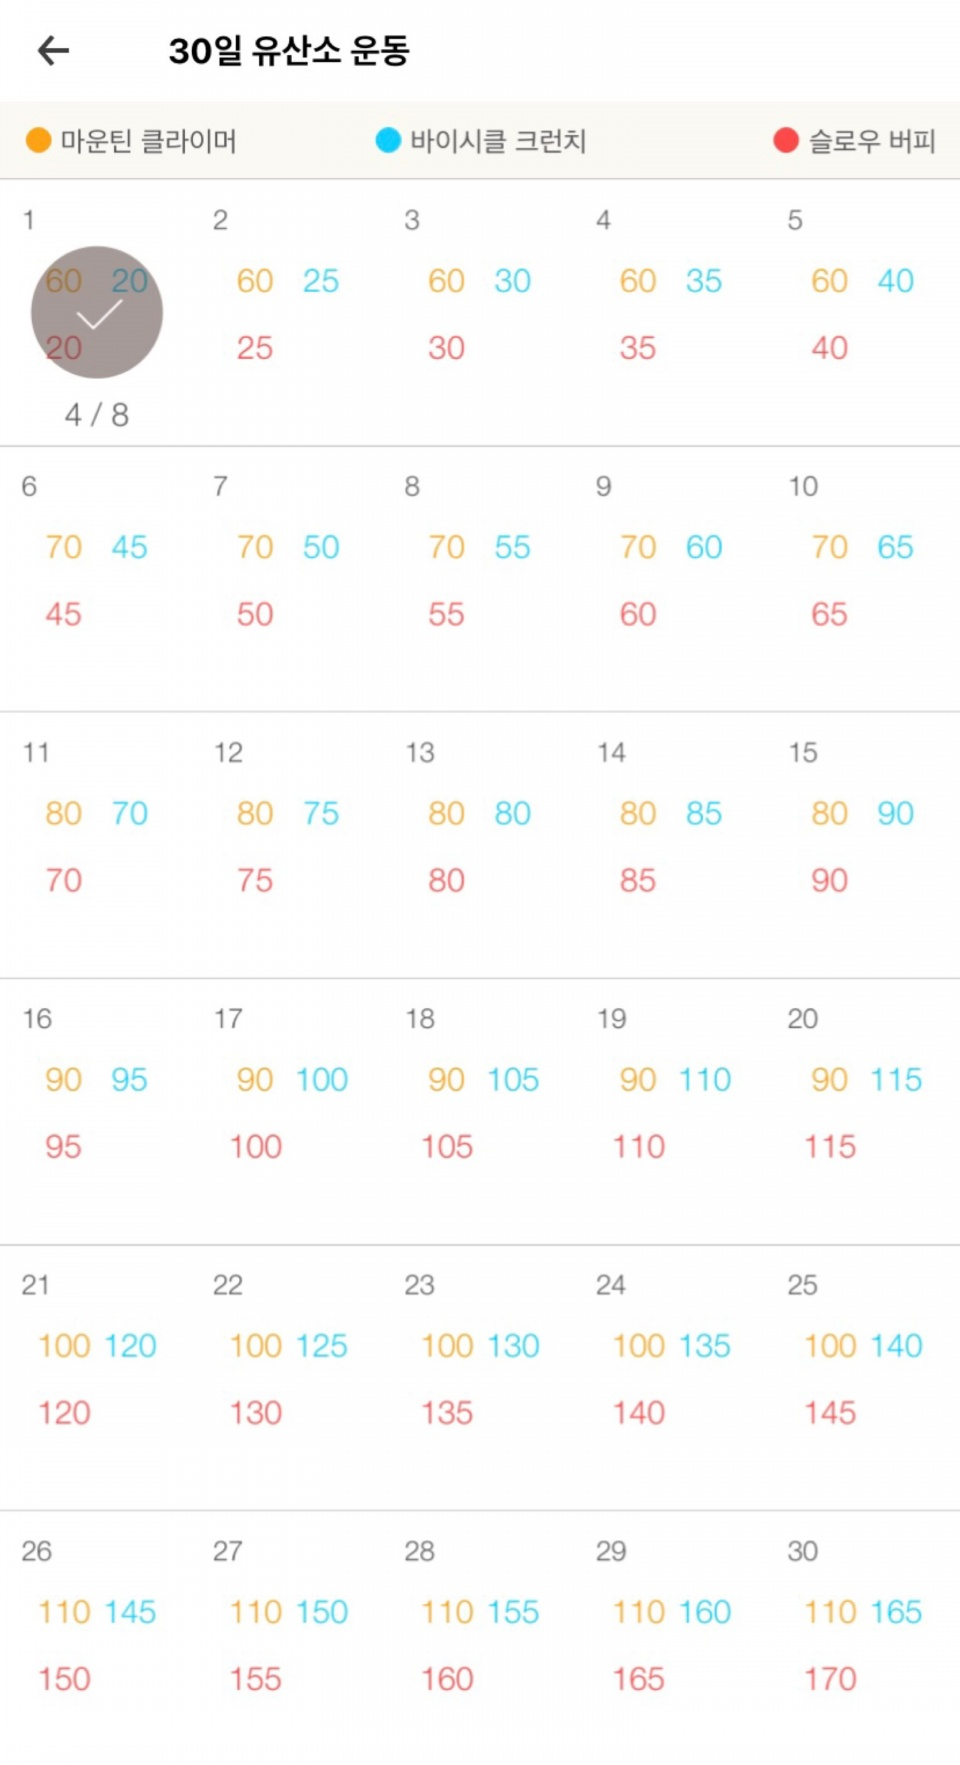 [공지]30일 유산소 운동 도전방법 & 도전 성공